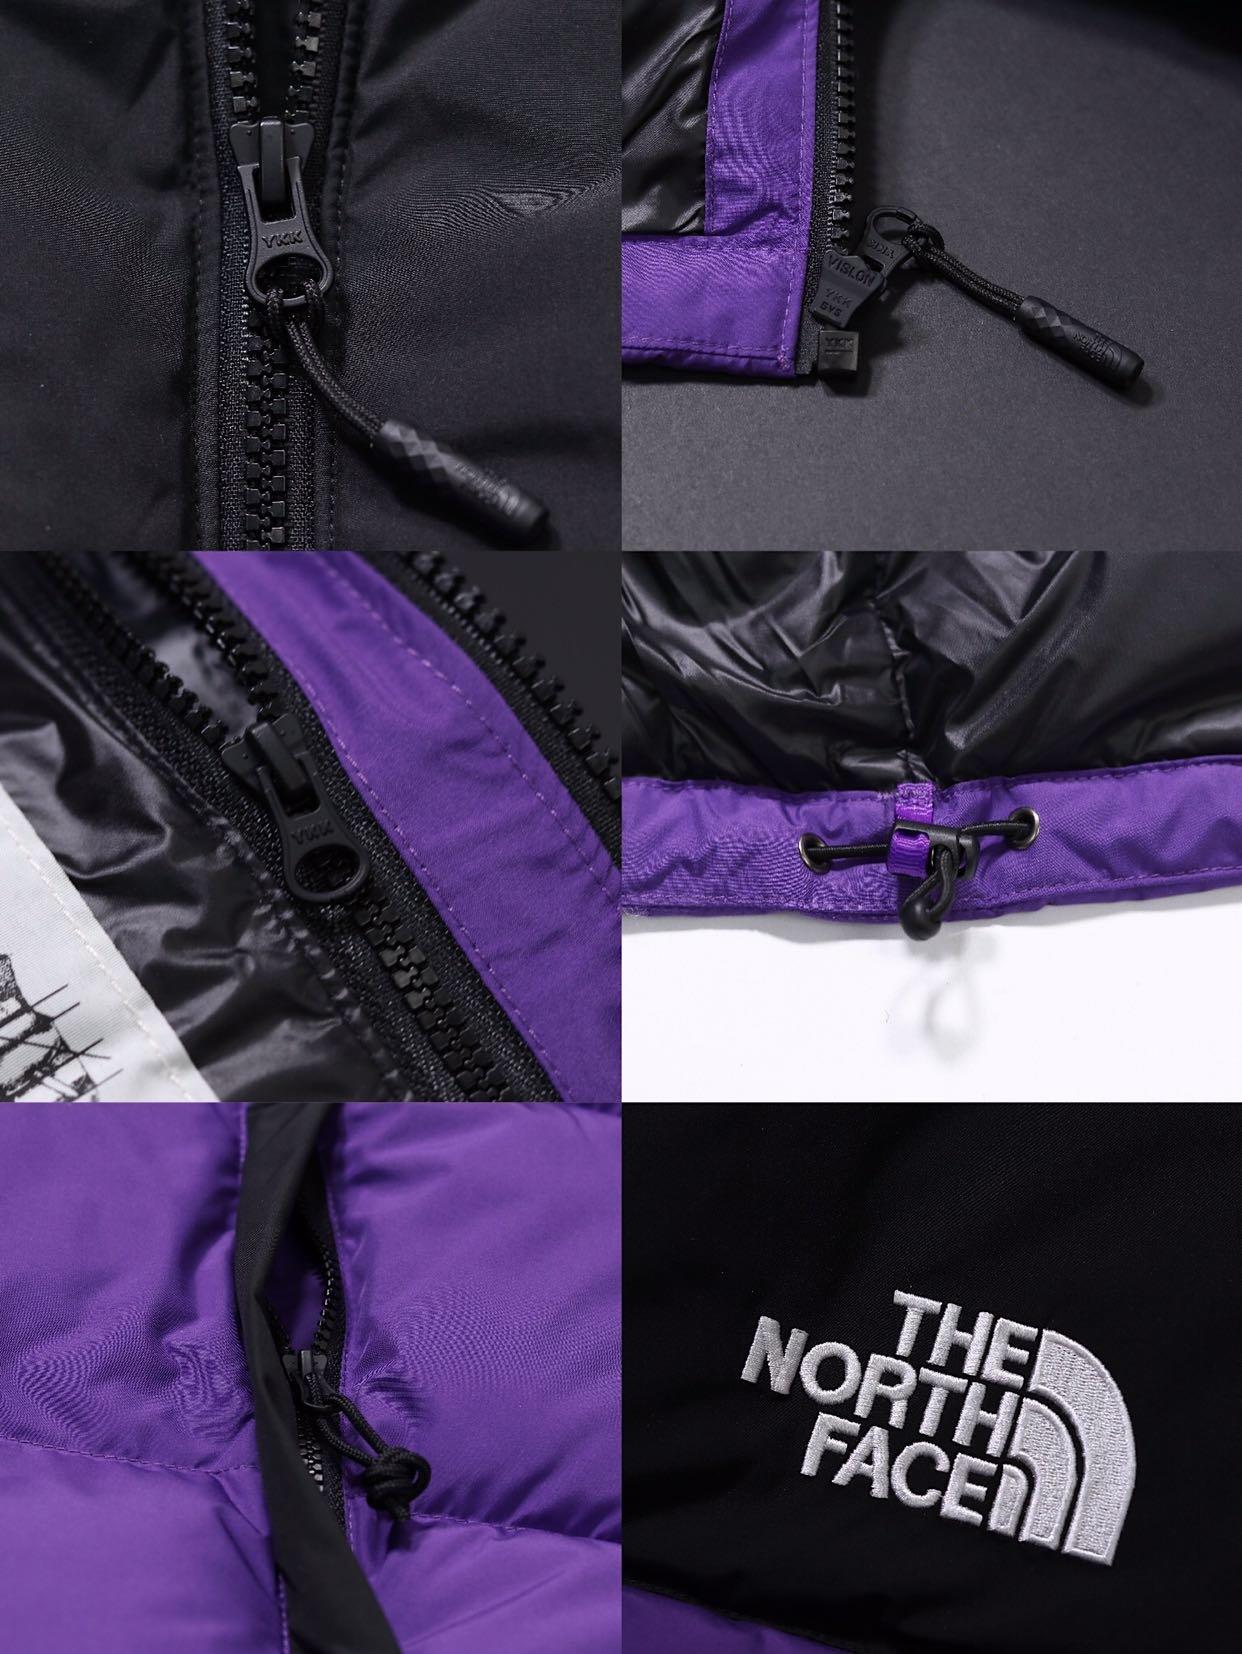 """?680  """"超级经典的一款北面主打短款羽绒服,高版本他来了✔️""""       The North Face 1992 Nuptse Jacket Asphslt Black 北面羽绒服 美版®️。侃爷无限上身带货款,年年都是经典好卖的款!!!此款最强版本到货,品质堪比美代原货!!细节淋漓尽致,四层防钻绒!!全部原版一致出货,定制辅料,全套定制洗唛吊牌带货号!!为什么发的贵?优选鸭绒区别市场滥竽充数的通货!!真700蓬!!细节见真章,请老板们看清实拍~颜色   紫色  黑色  尺码   XS  S  M  L  XL 尺寸推荐  178cm  115J上身M宽松。"""